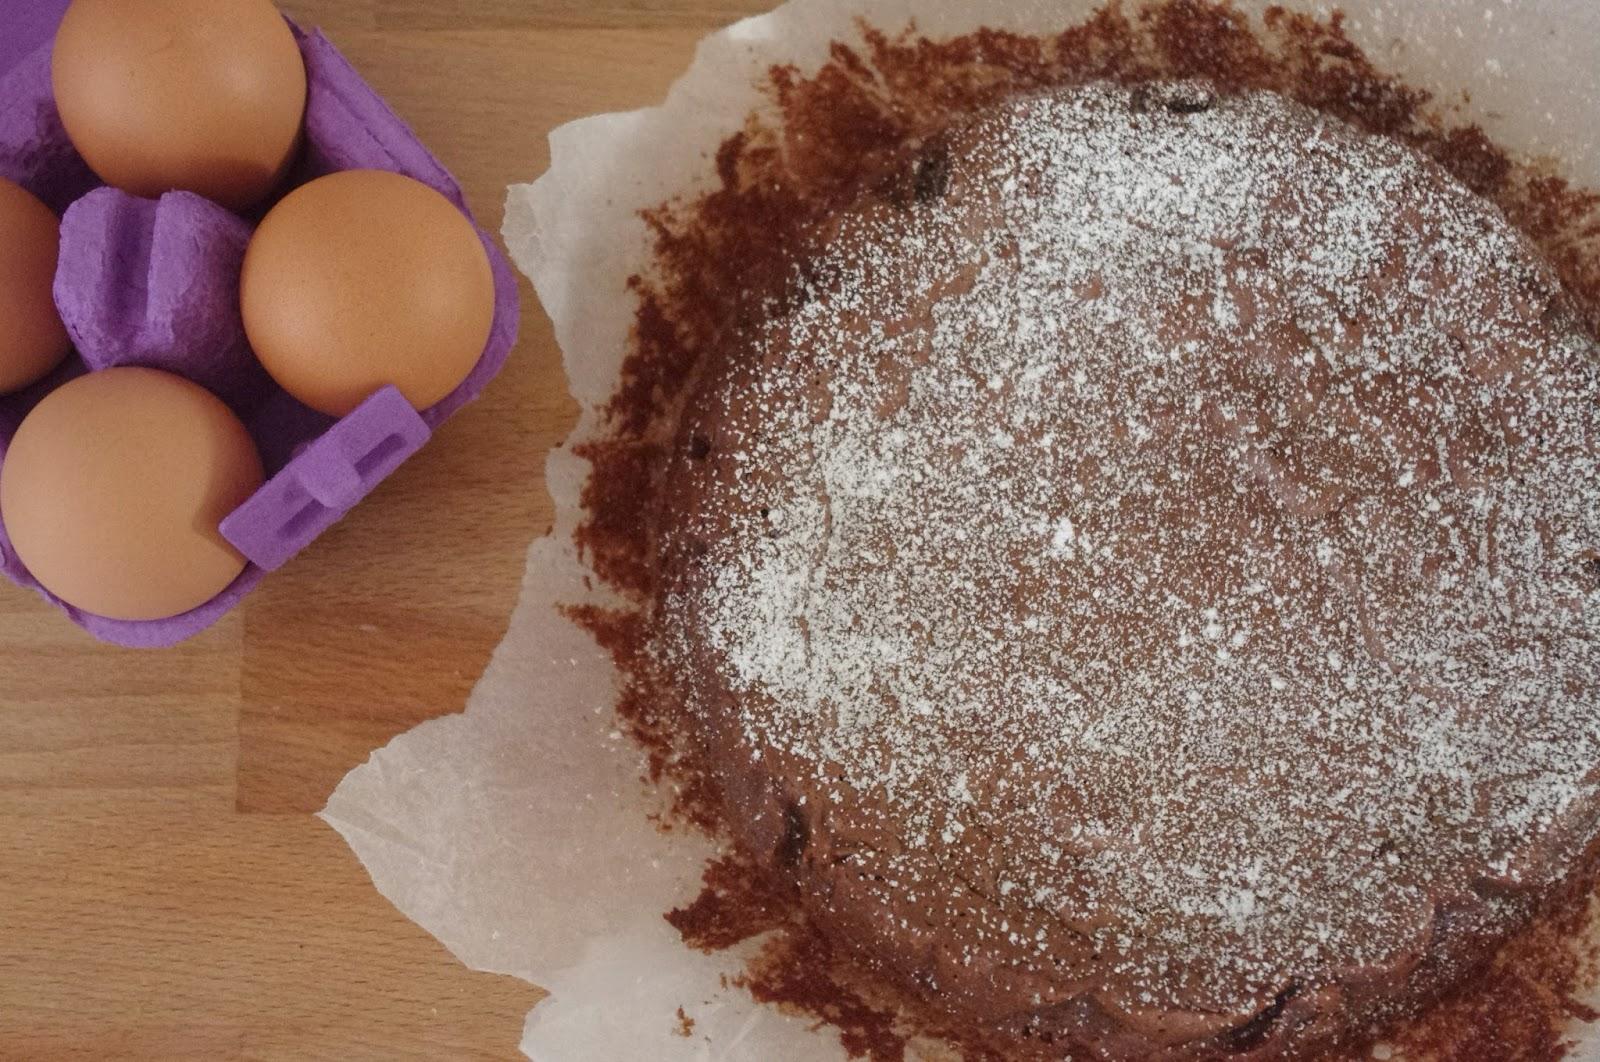 simil moelleux al cioccolato fondente e scorza d'arancia